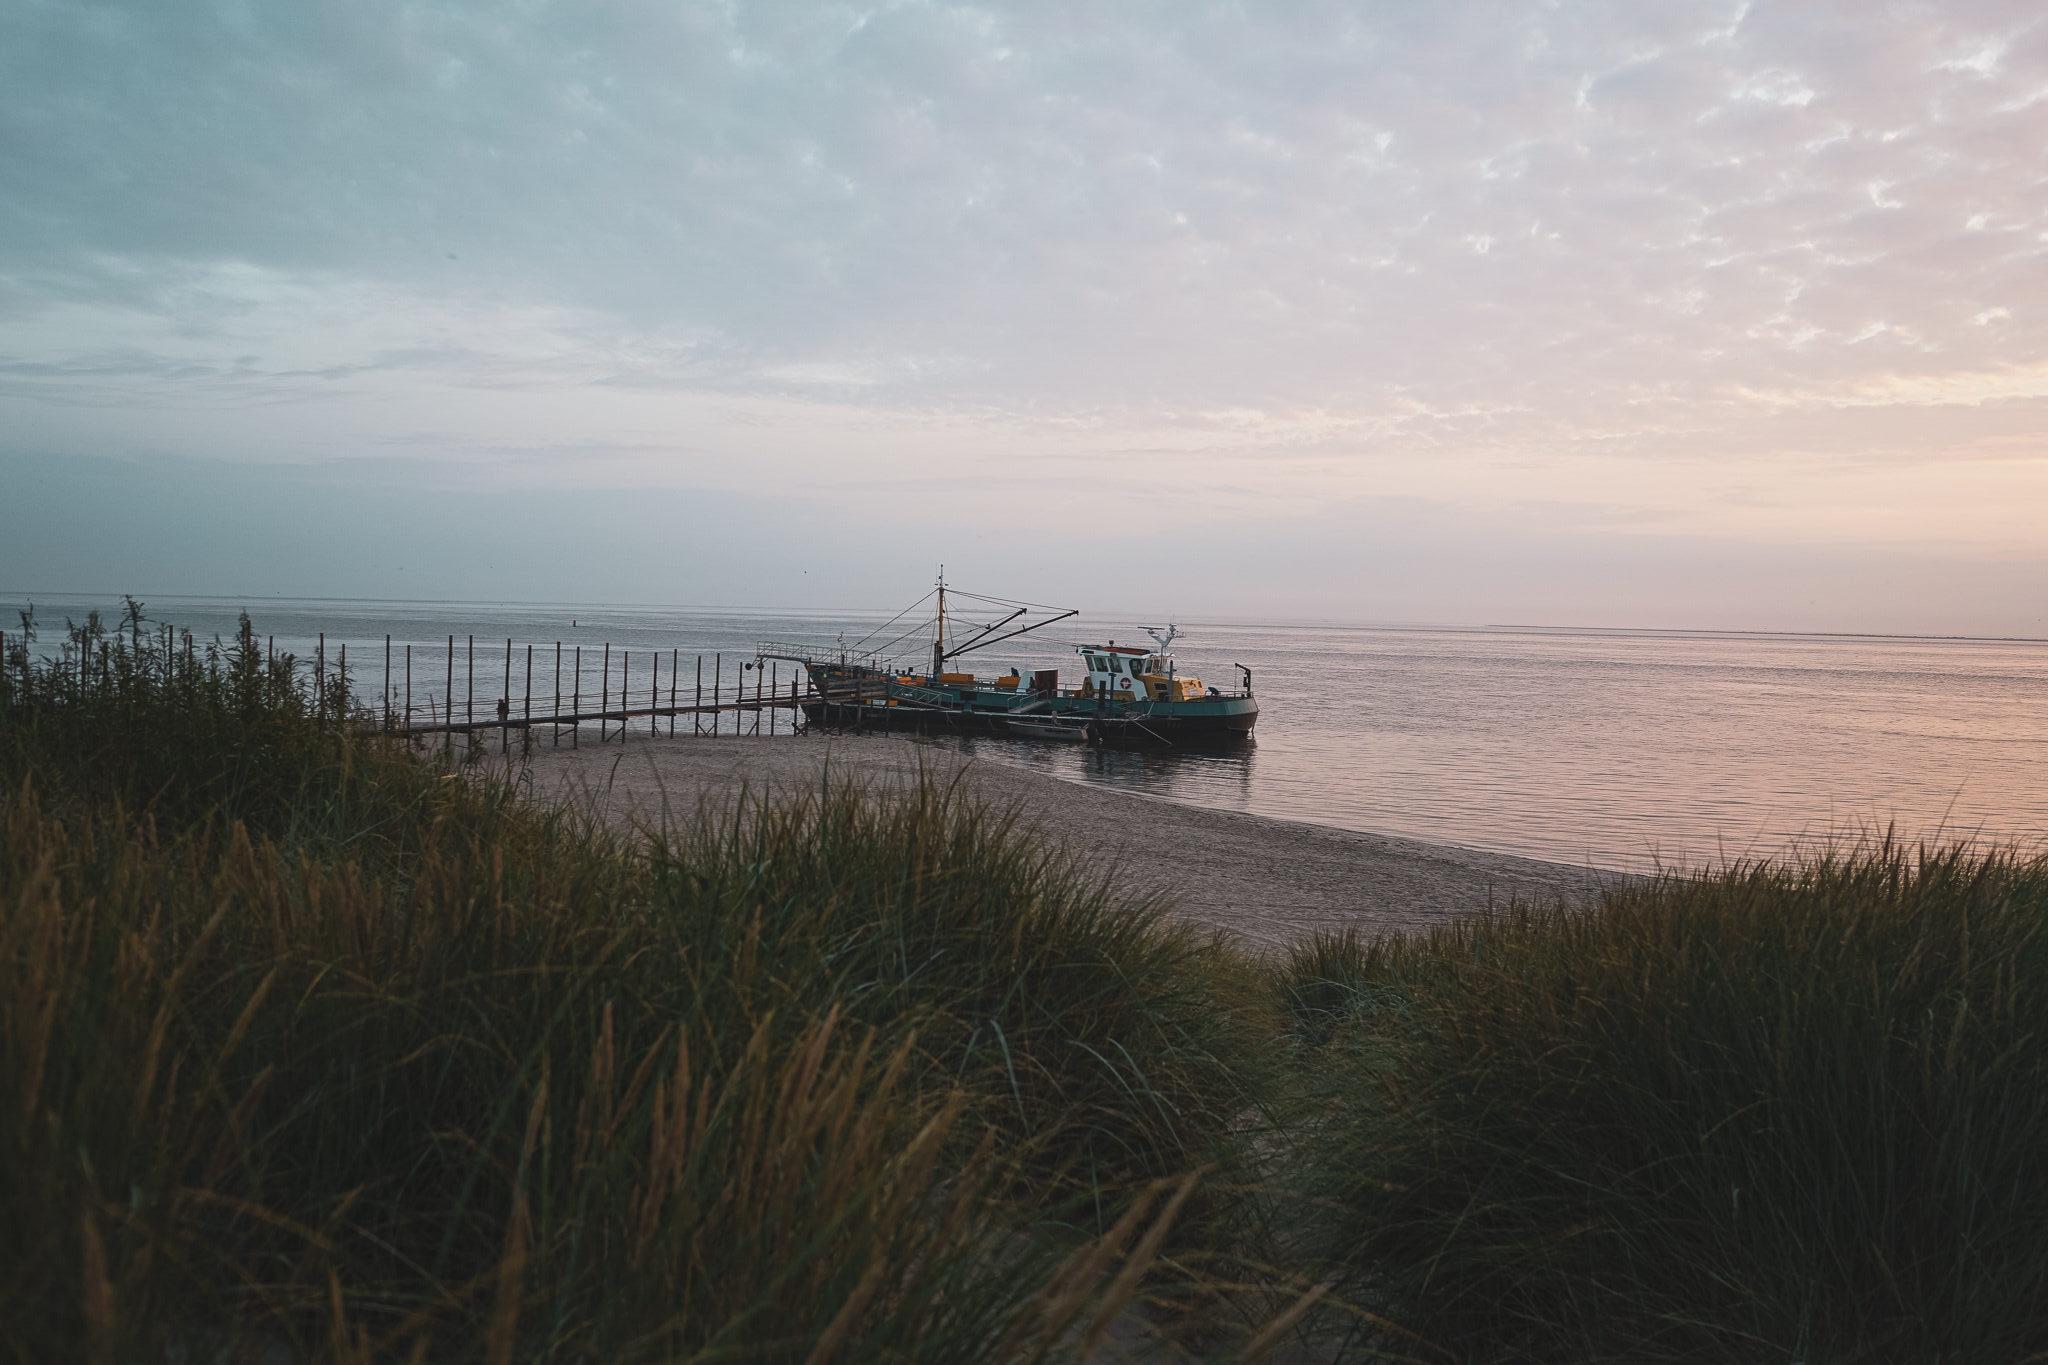 Eilandhoppen op de Waddeneilanden - atravel note reisblog